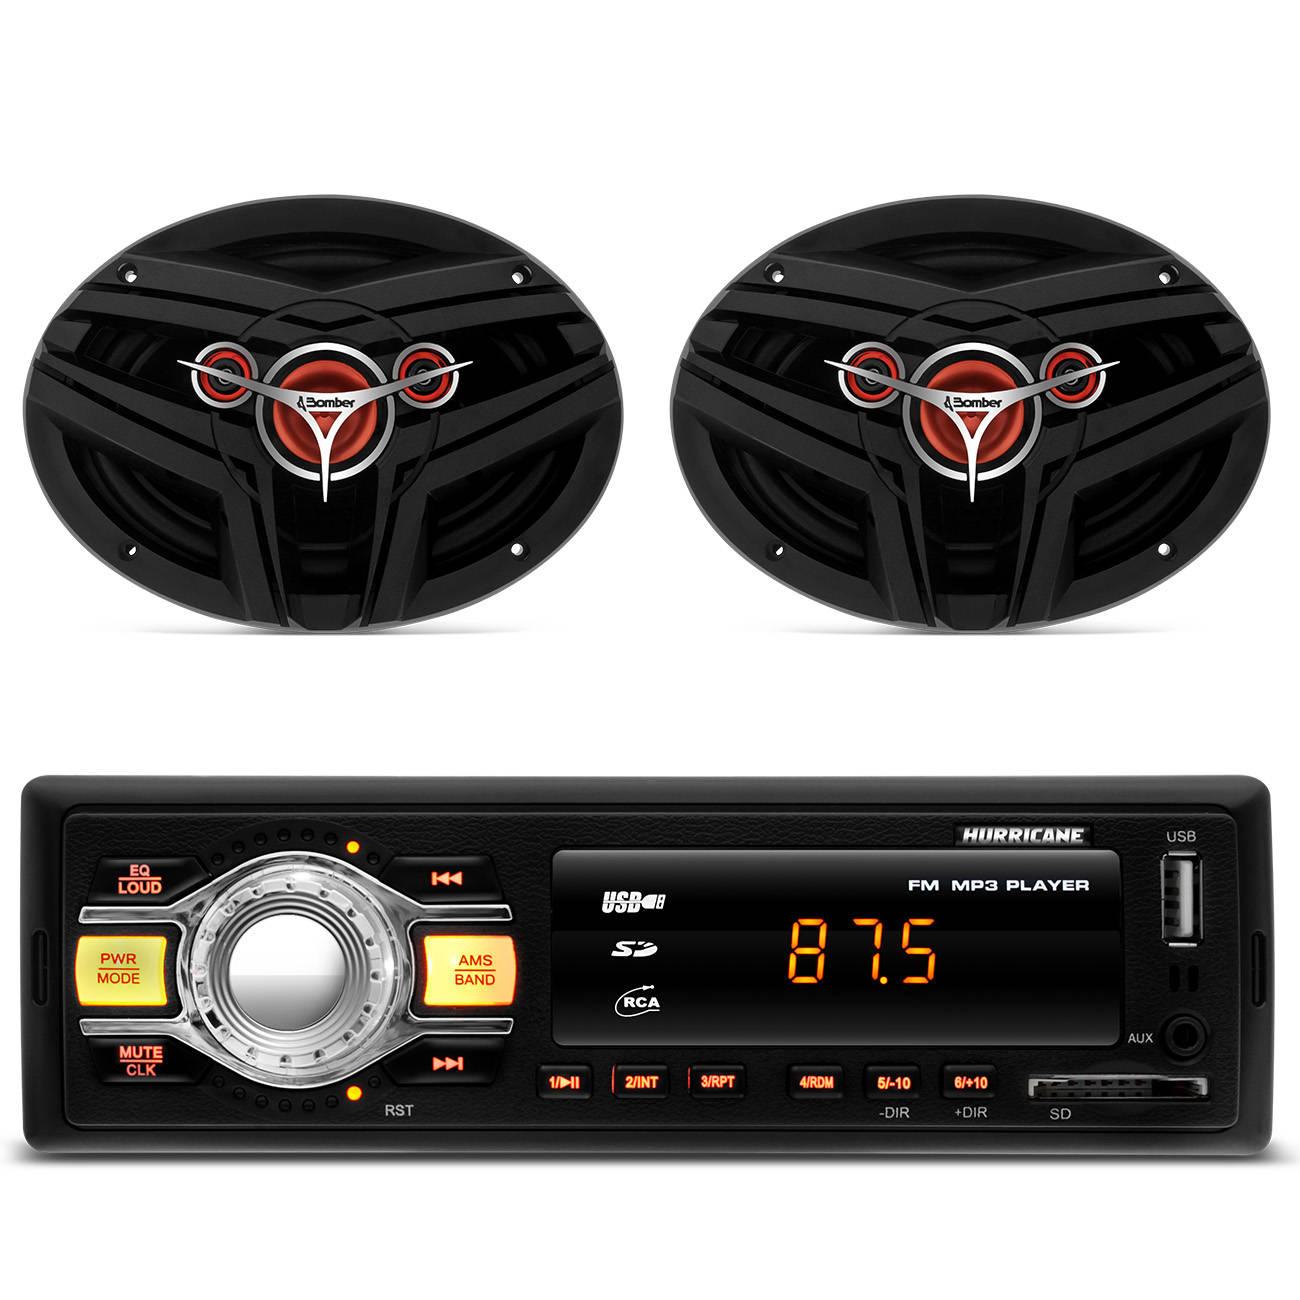 MP3 Player Hurricane HR - 412 USB SD AUX + Par Alto Falantes 6x9 Quadriaxial Bomber 200 RMS Grade